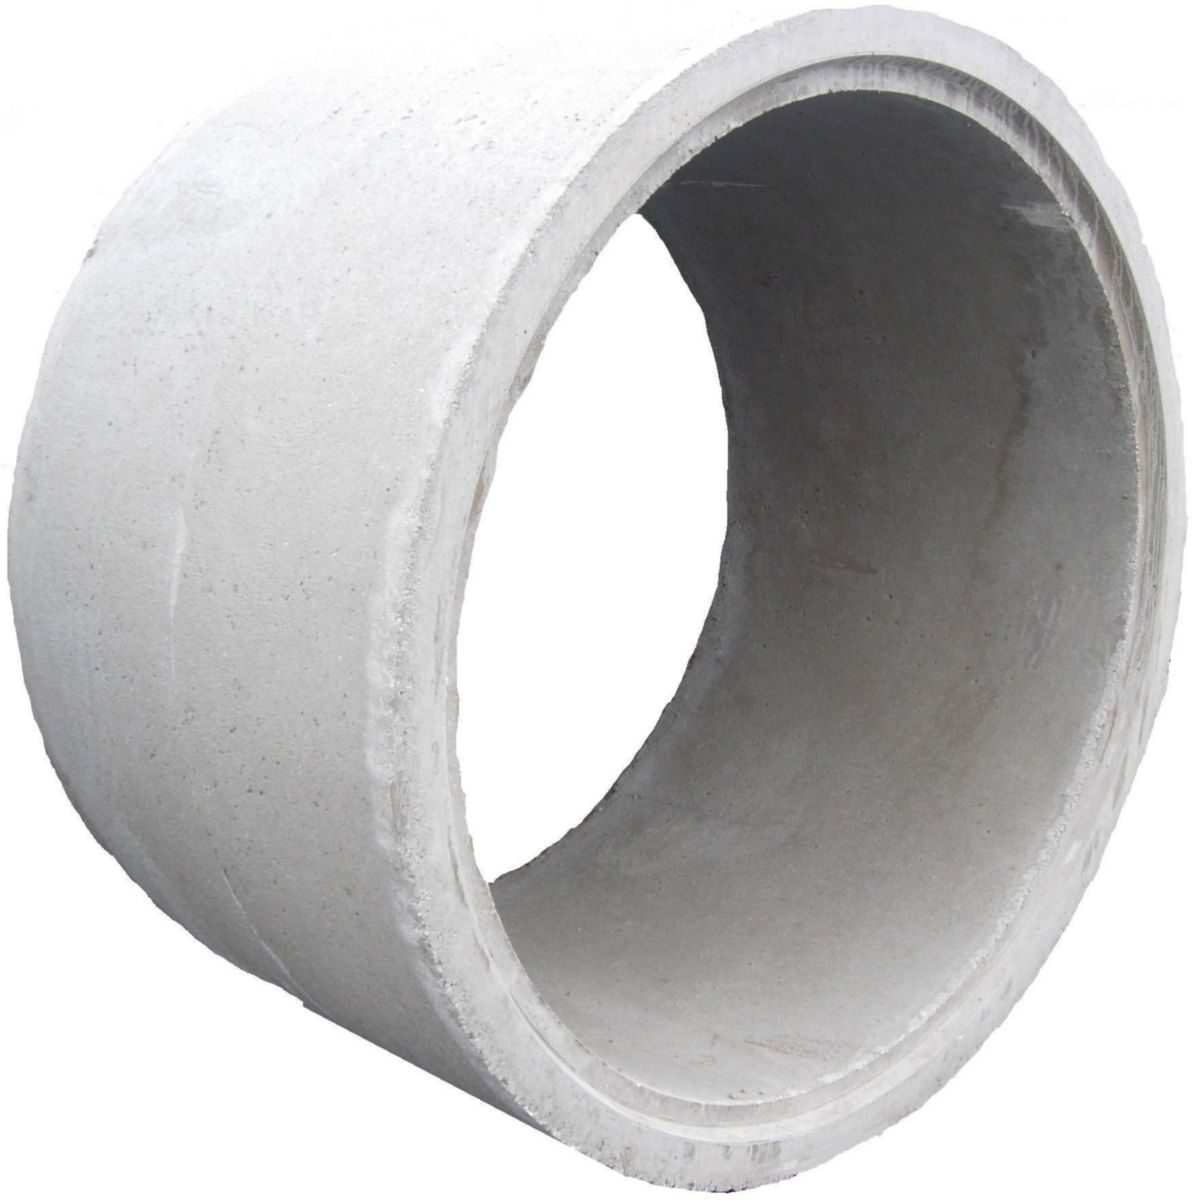 Adg beton anneau b ton pour regard diam tre nominal - Rehausse chambre de visite beton ...